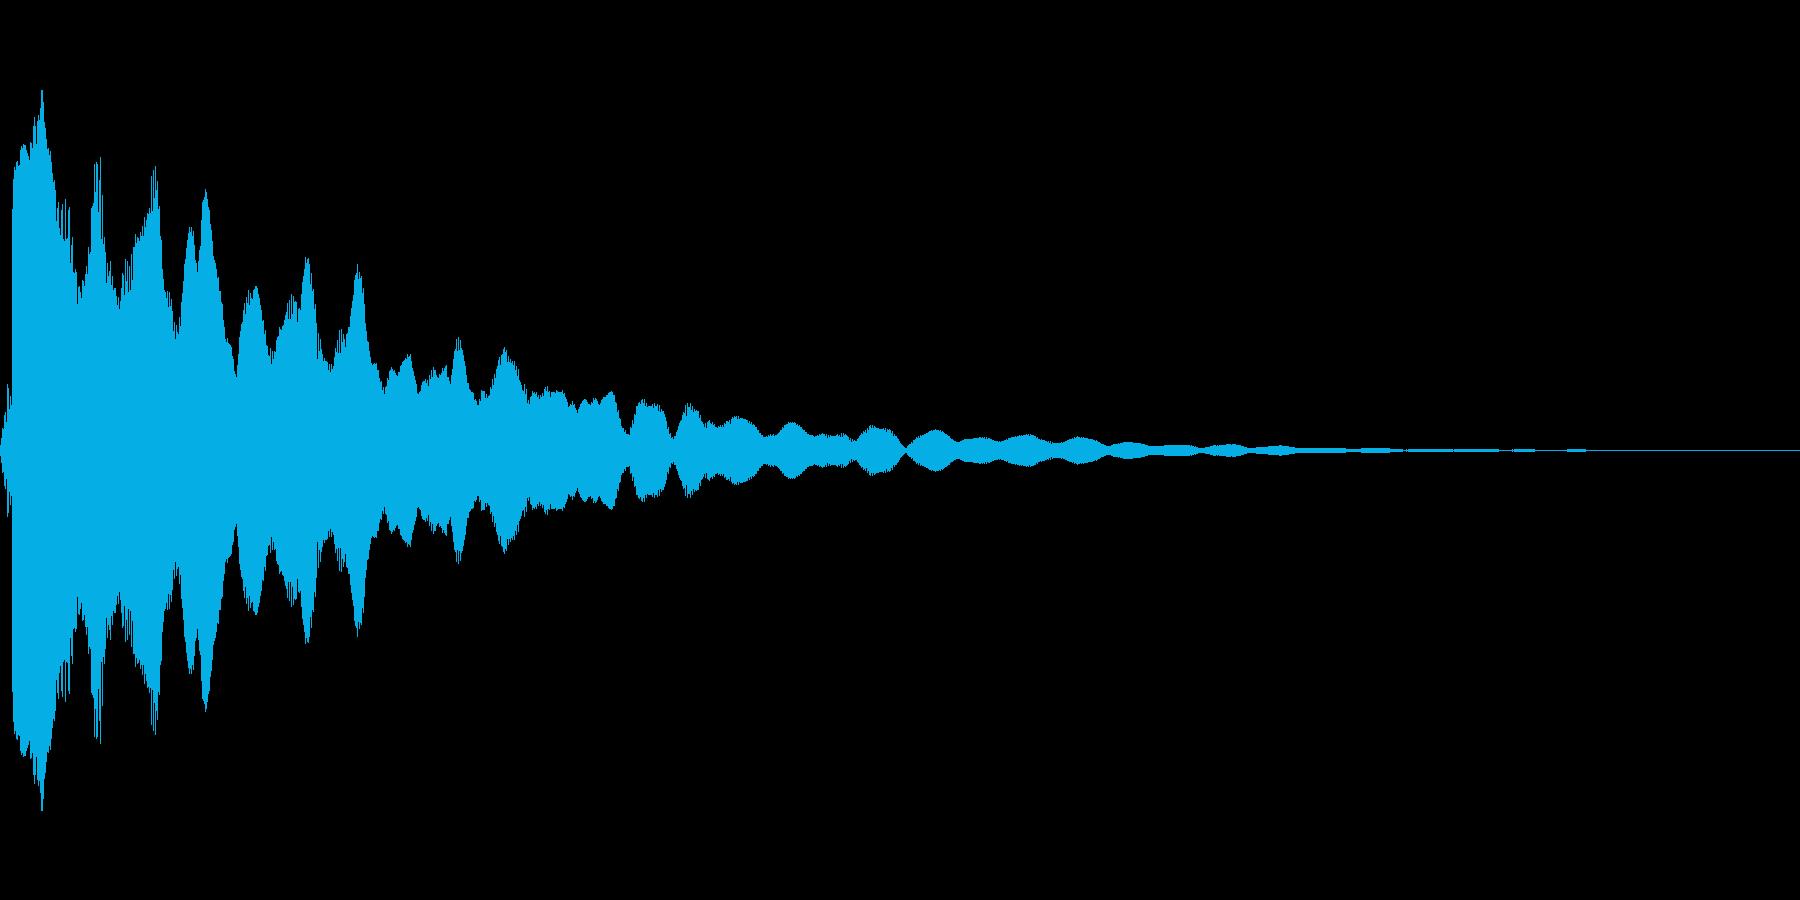 ピィィン(光などのきらめき音)の再生済みの波形